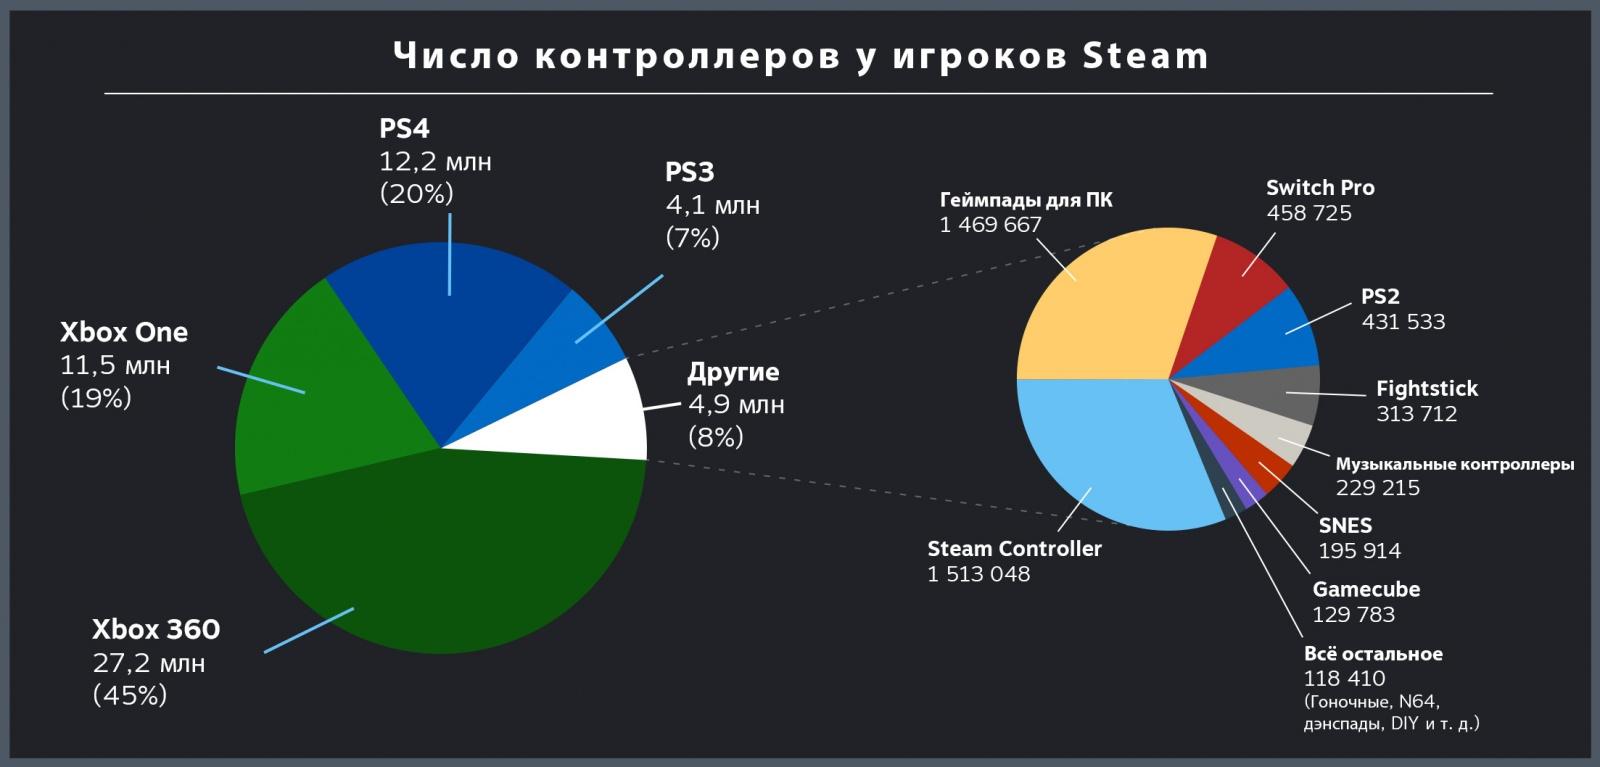 Компания Valve представила рейтинг игровых контроллеров, используемых в Steam - 2